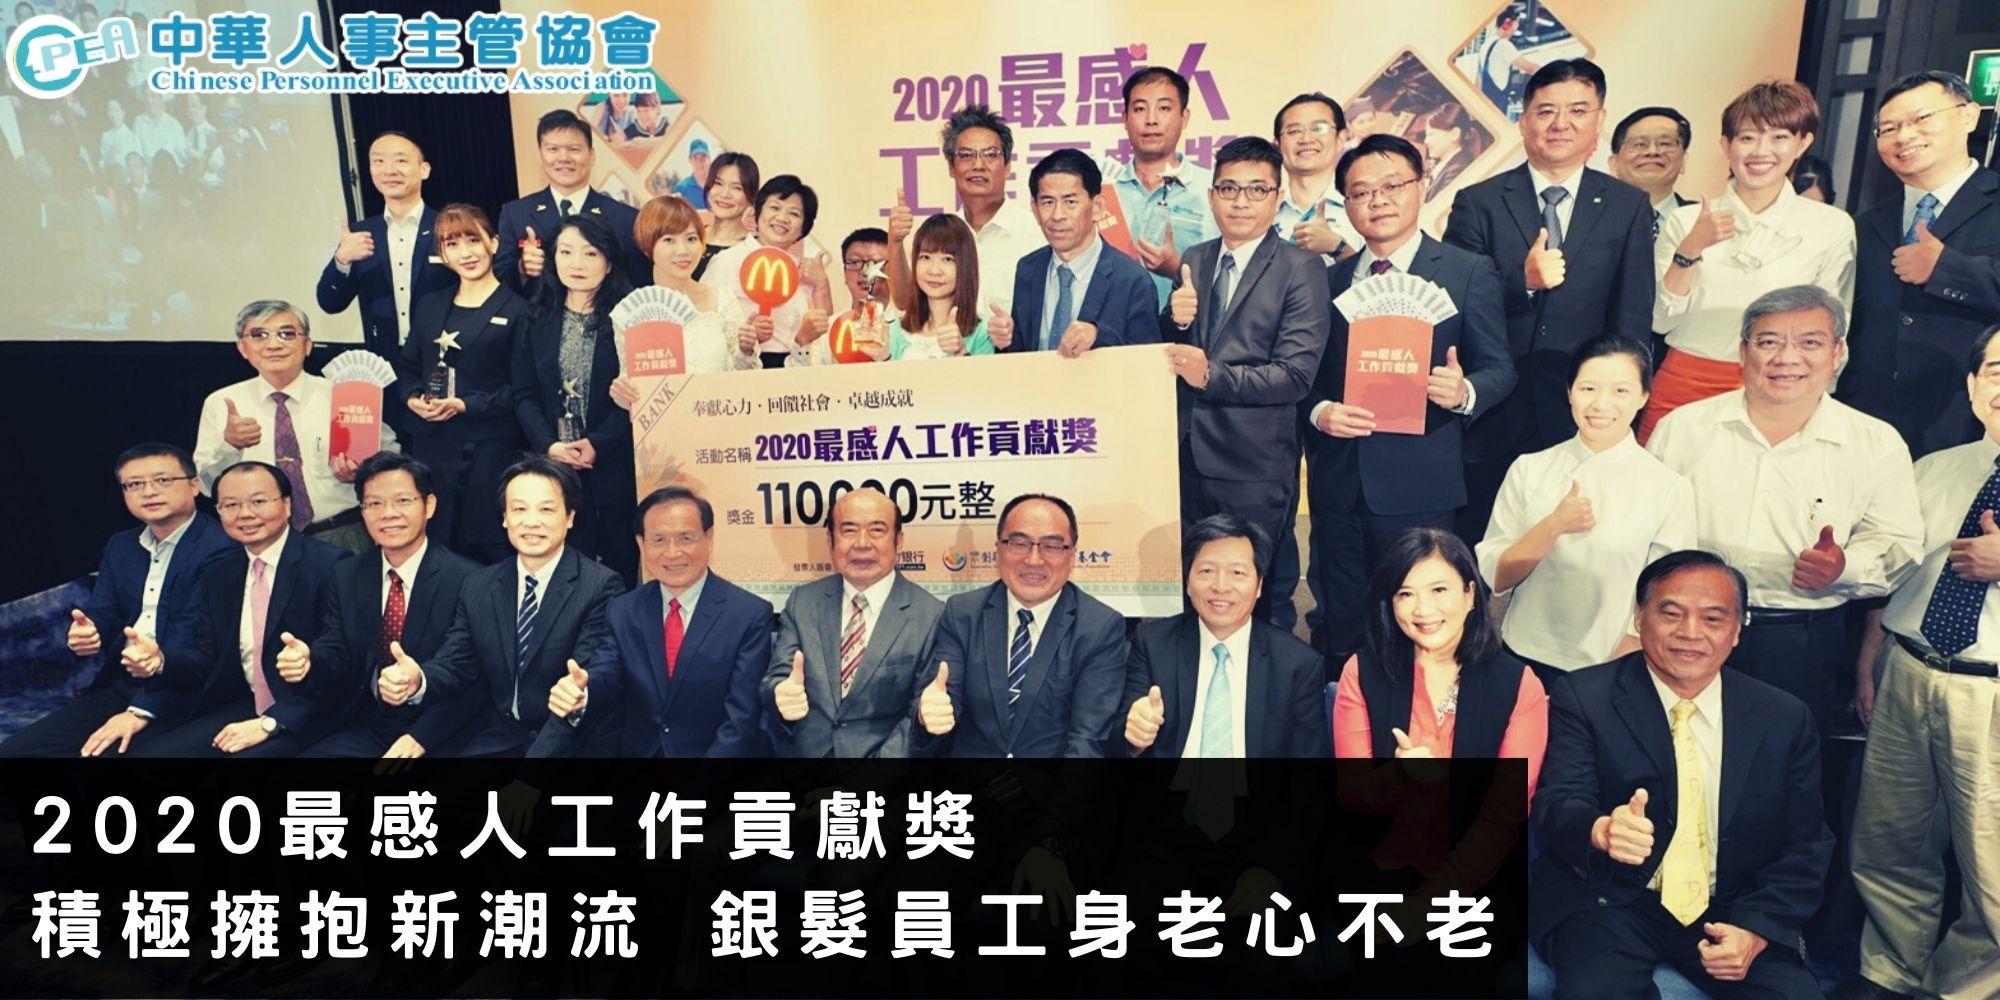 2020最感人工作貢獻獎 積極擁抱新潮流 銀髮員工身老心不老│中華人事主管協會-1111人力銀行